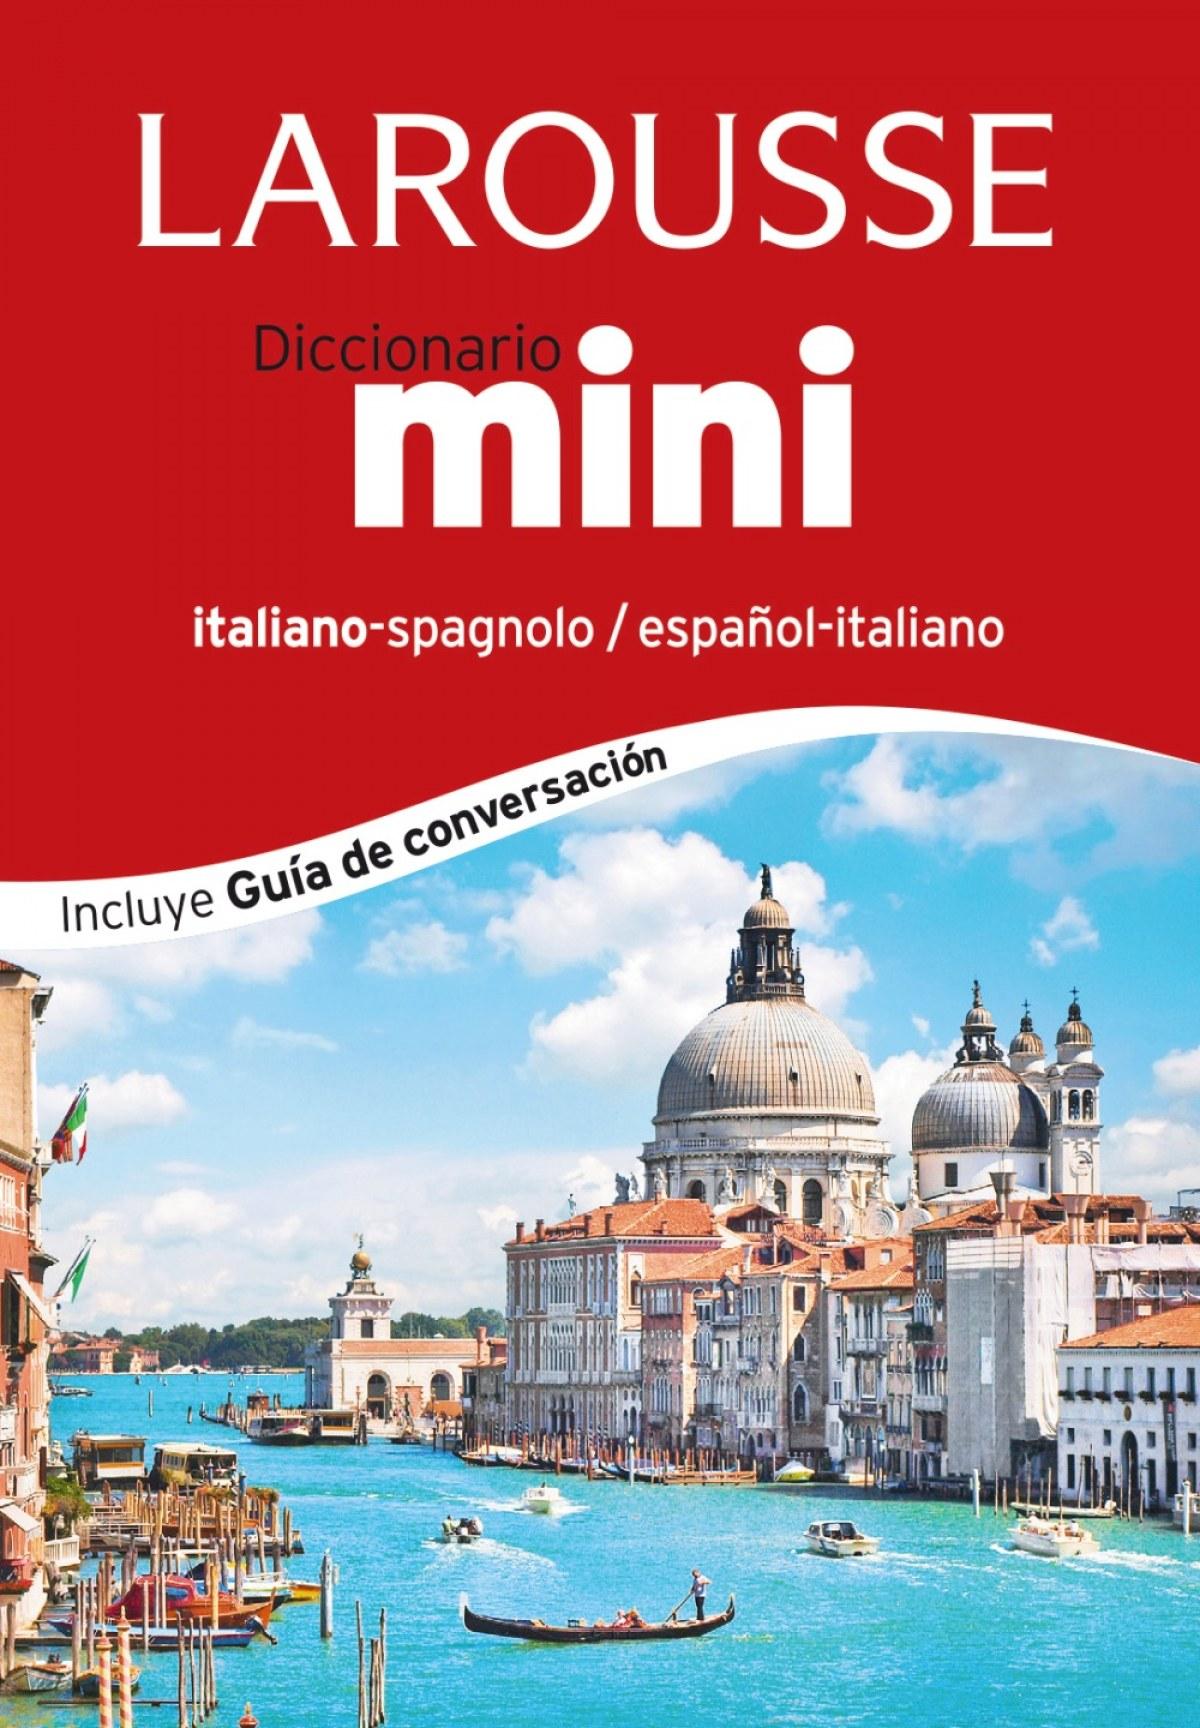 Diccionario mini español-italiano / Italiano-Spagnolo 9788416124374